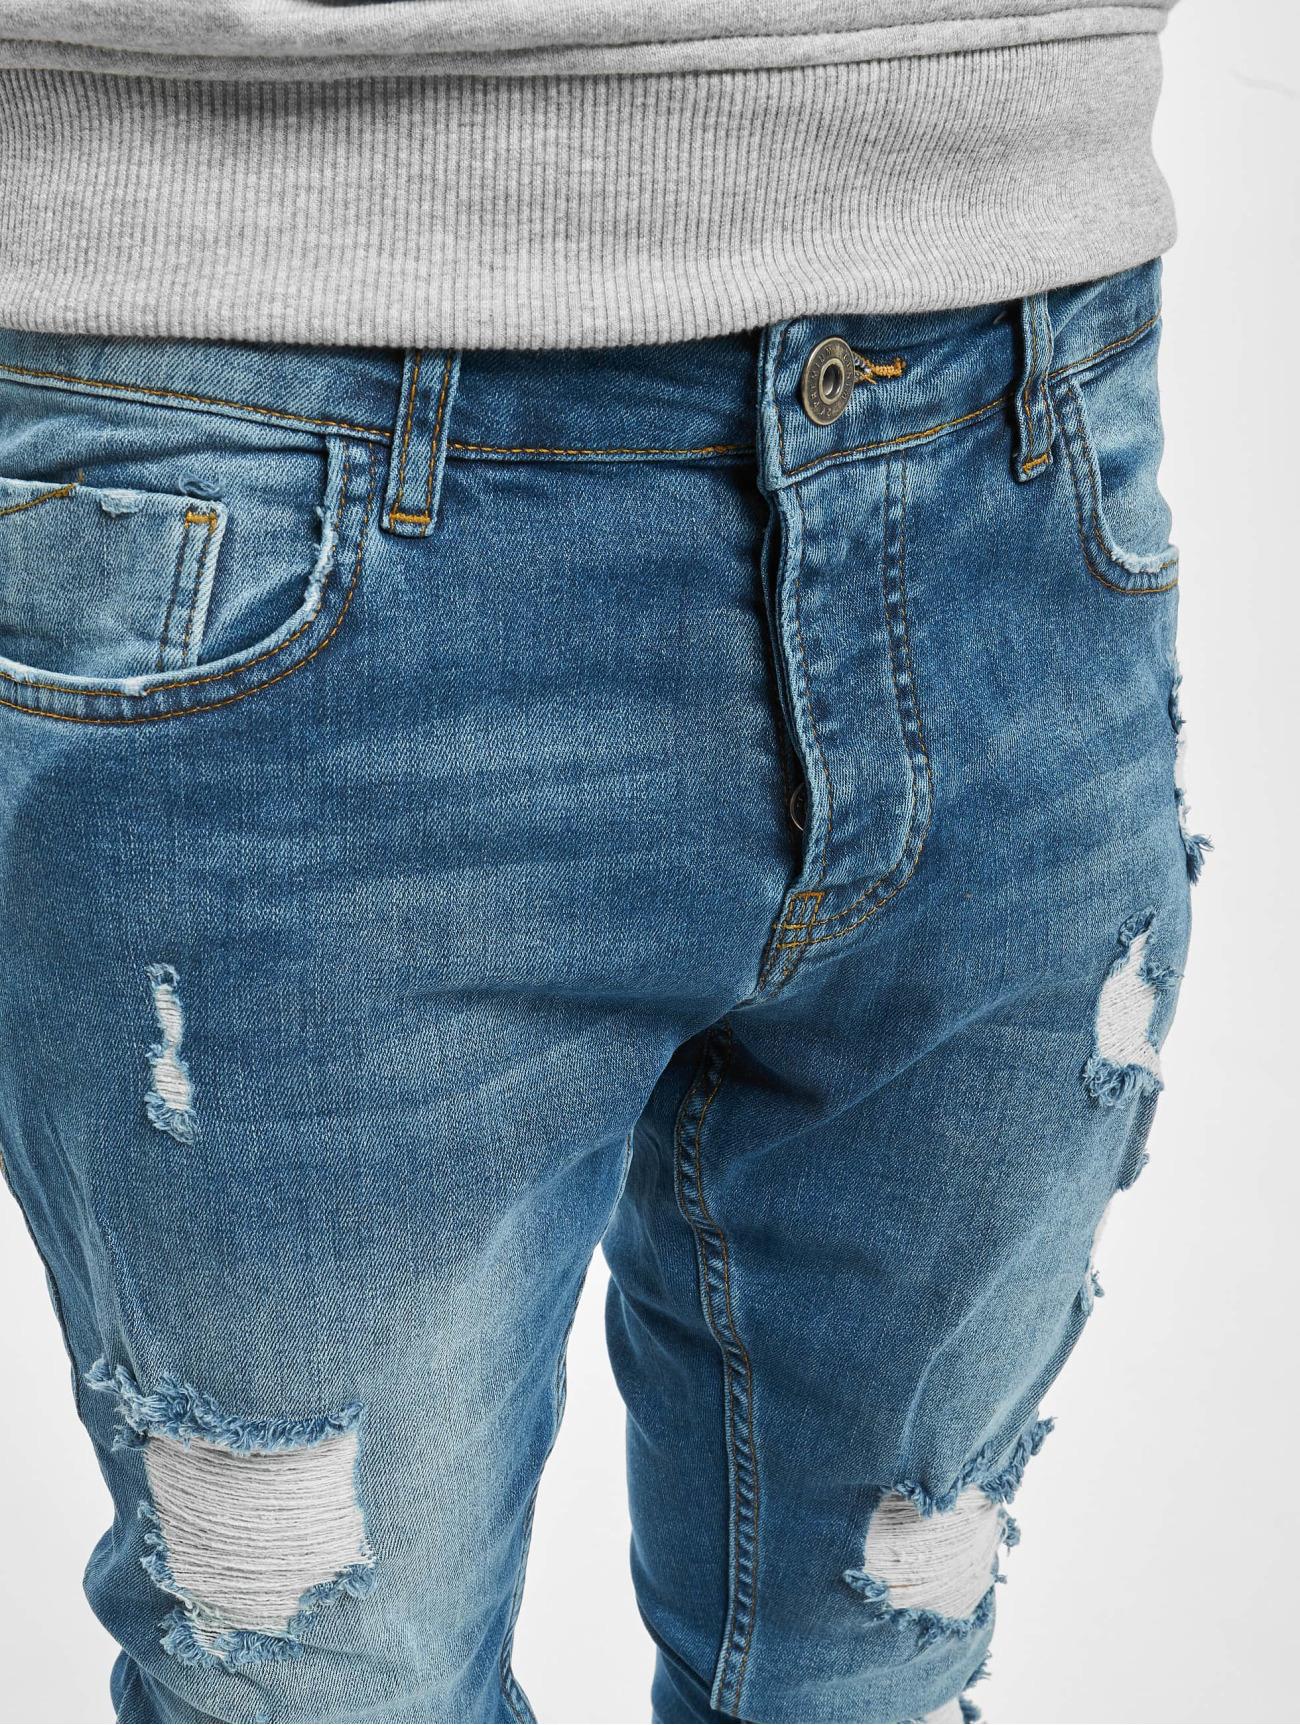 2Y  Efe   bleu Homme Jean slim  718155 Homme Jeans